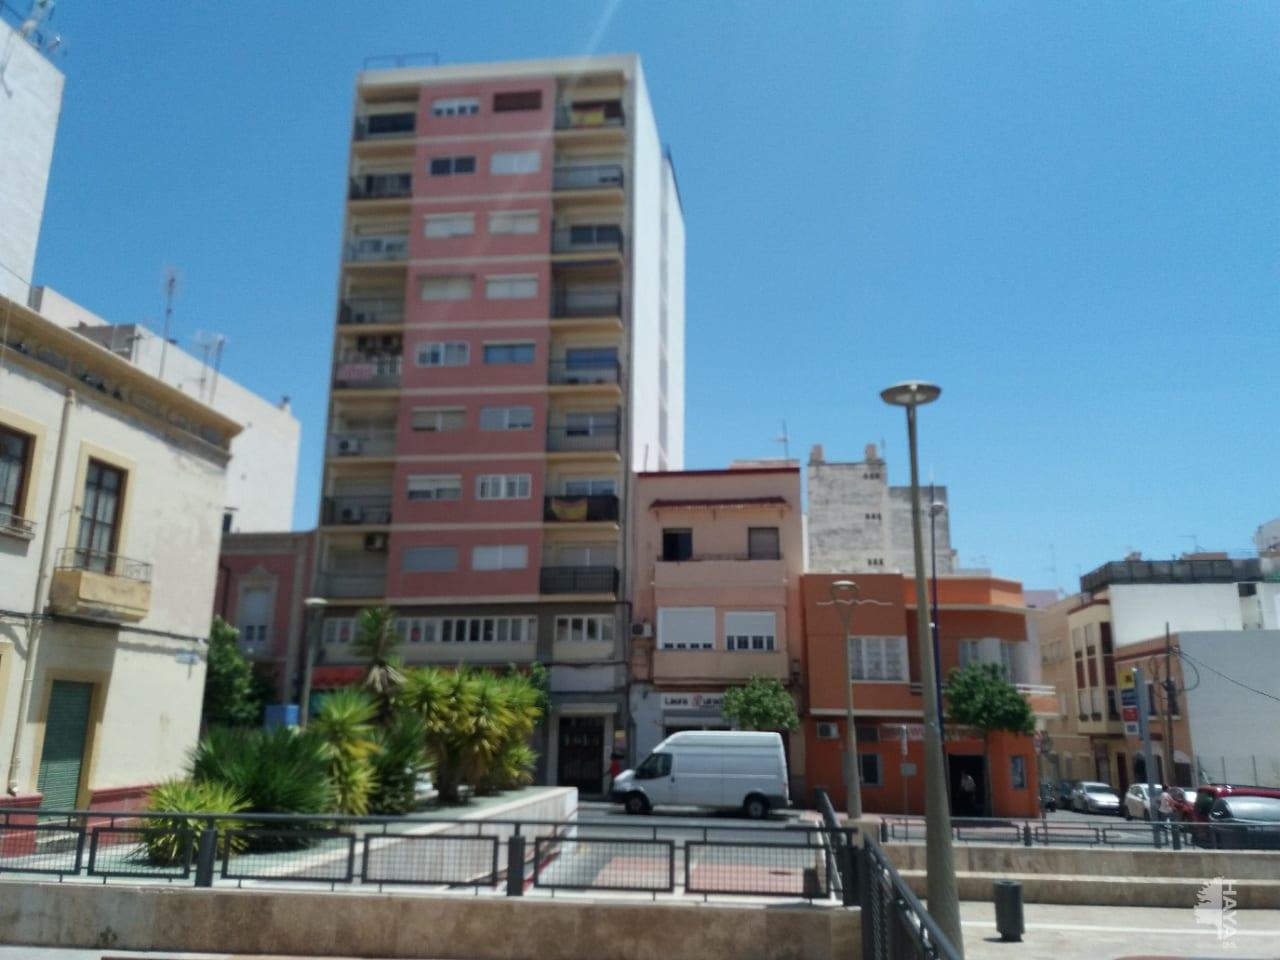 Piso en venta en Oliveros, Almería, Almería, Avenida Pablo Iglesias, 131.985 €, 3 habitaciones, 1 baño, 125 m2